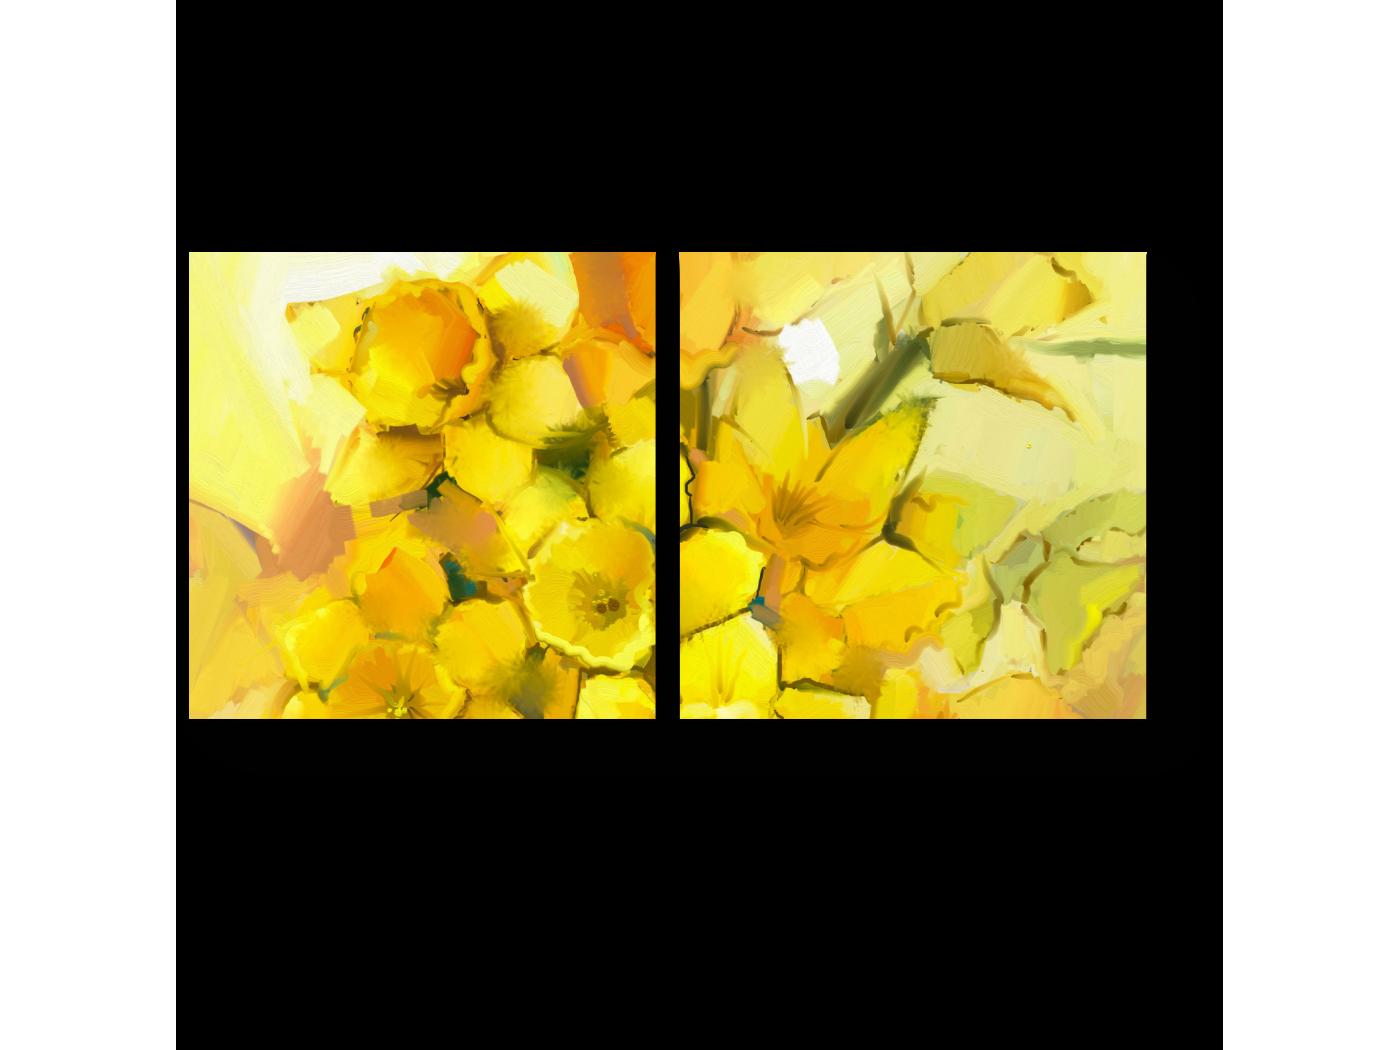 Модульная картина Солнечный букет нарциссов (40x20) фото